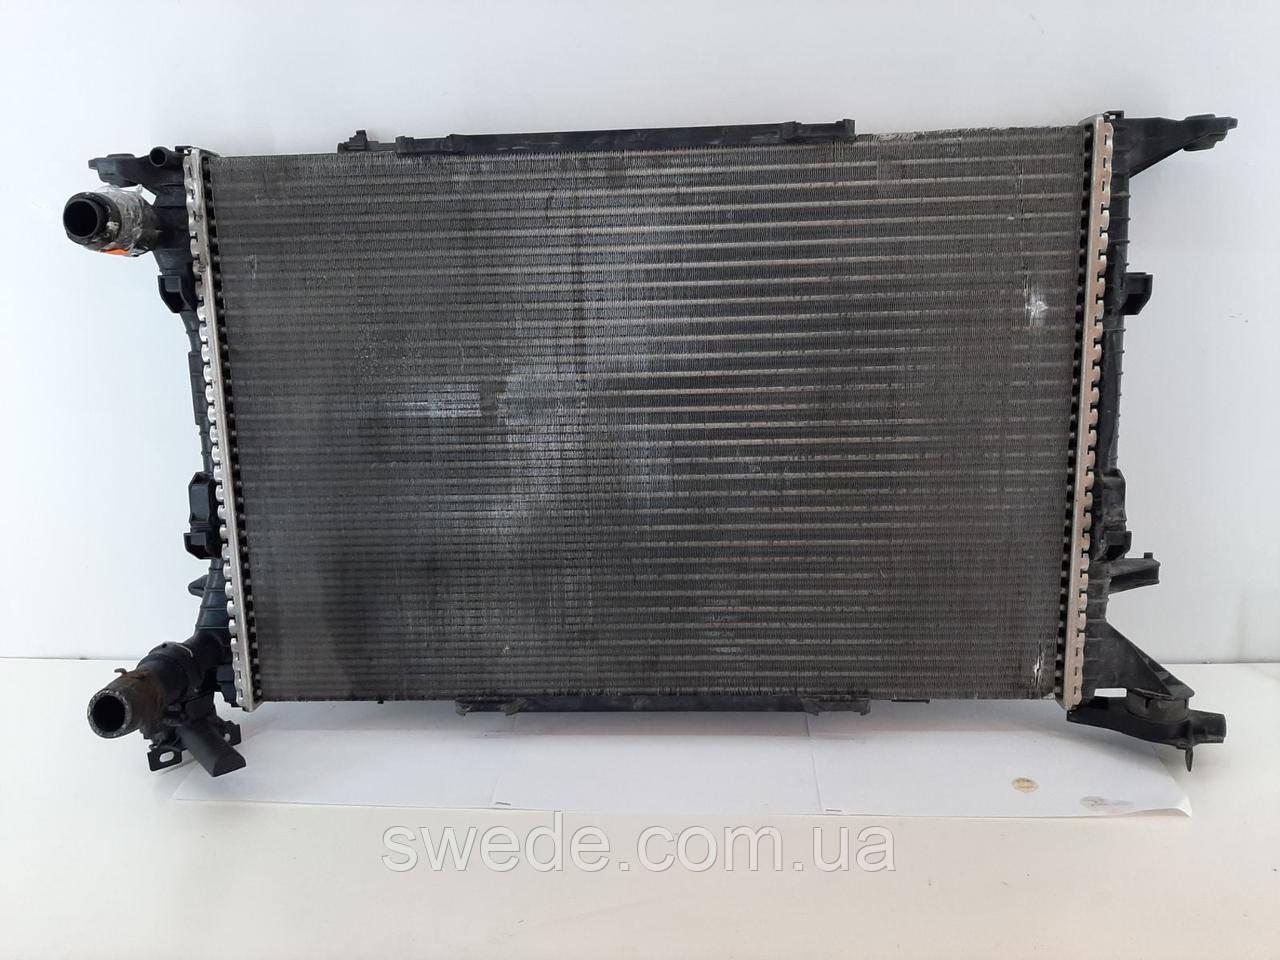 Радиатор Audi A4 A5 A6 2007-2015 гг 8K0121251R